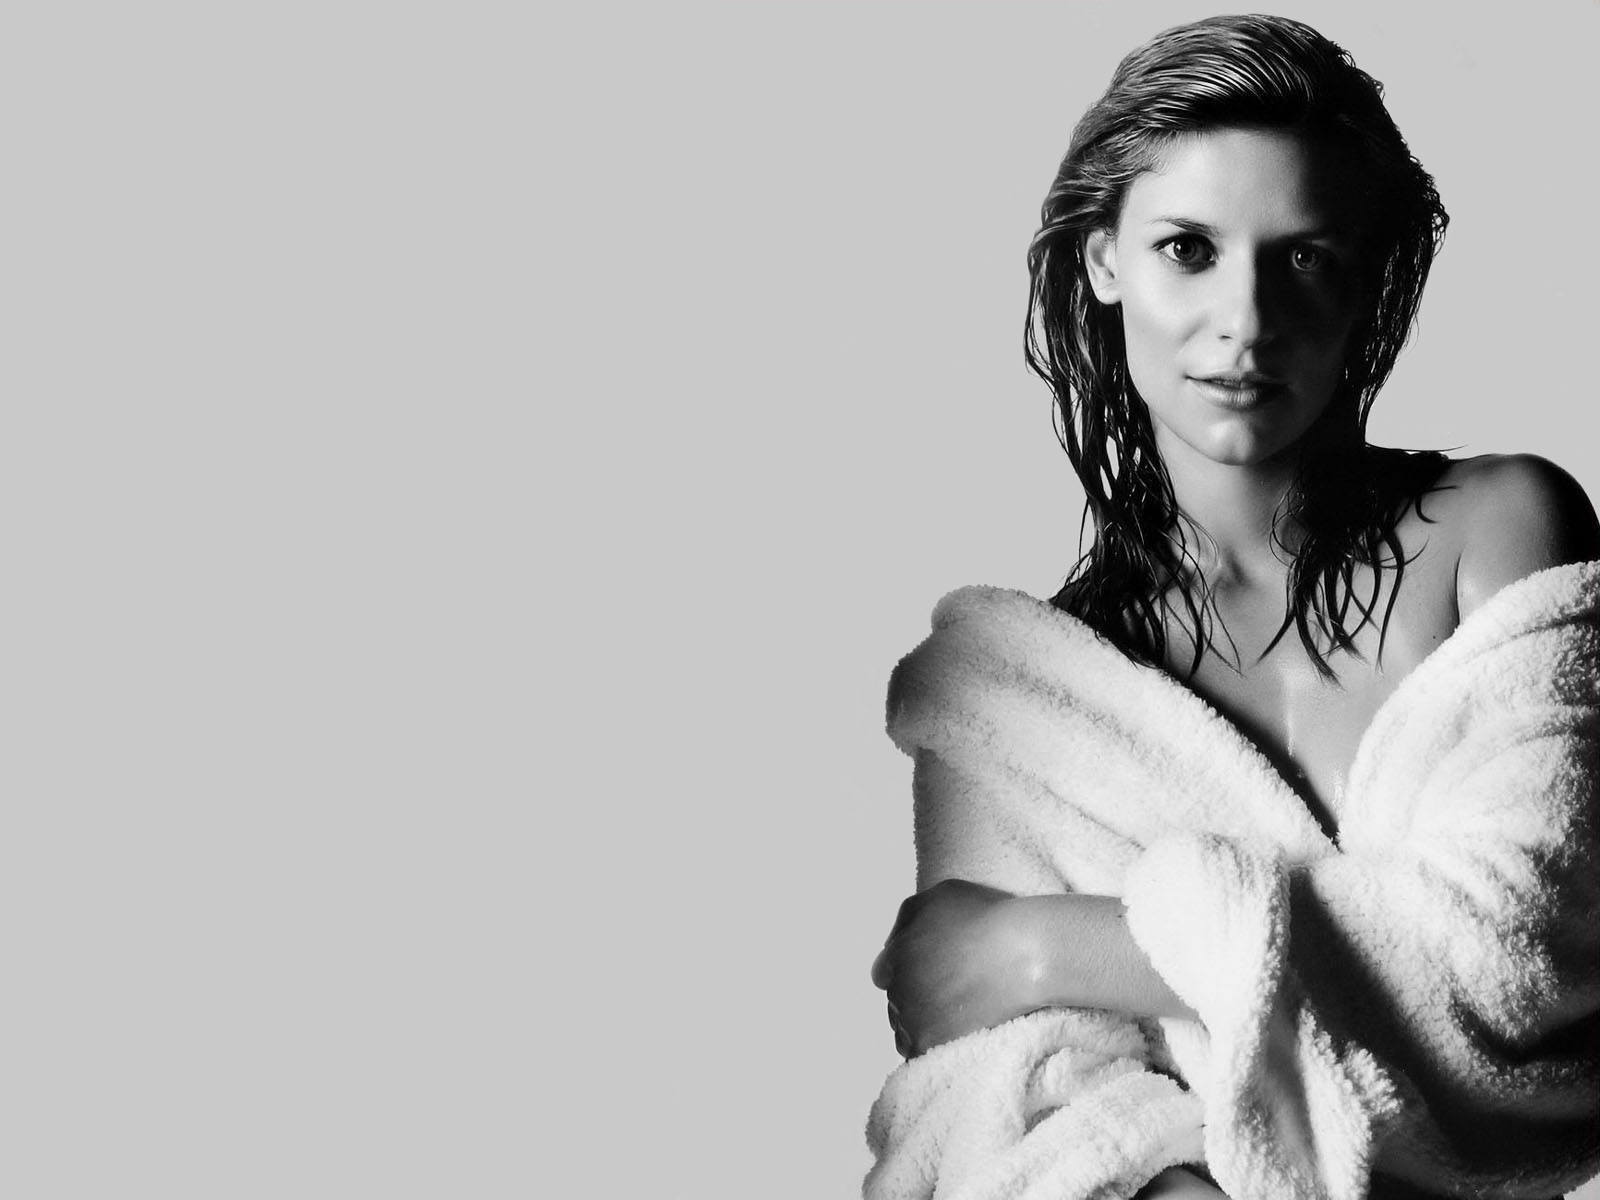 Claire - Claire Danes Wallpaper (5318497) - Fanpop Claire Danes Movie